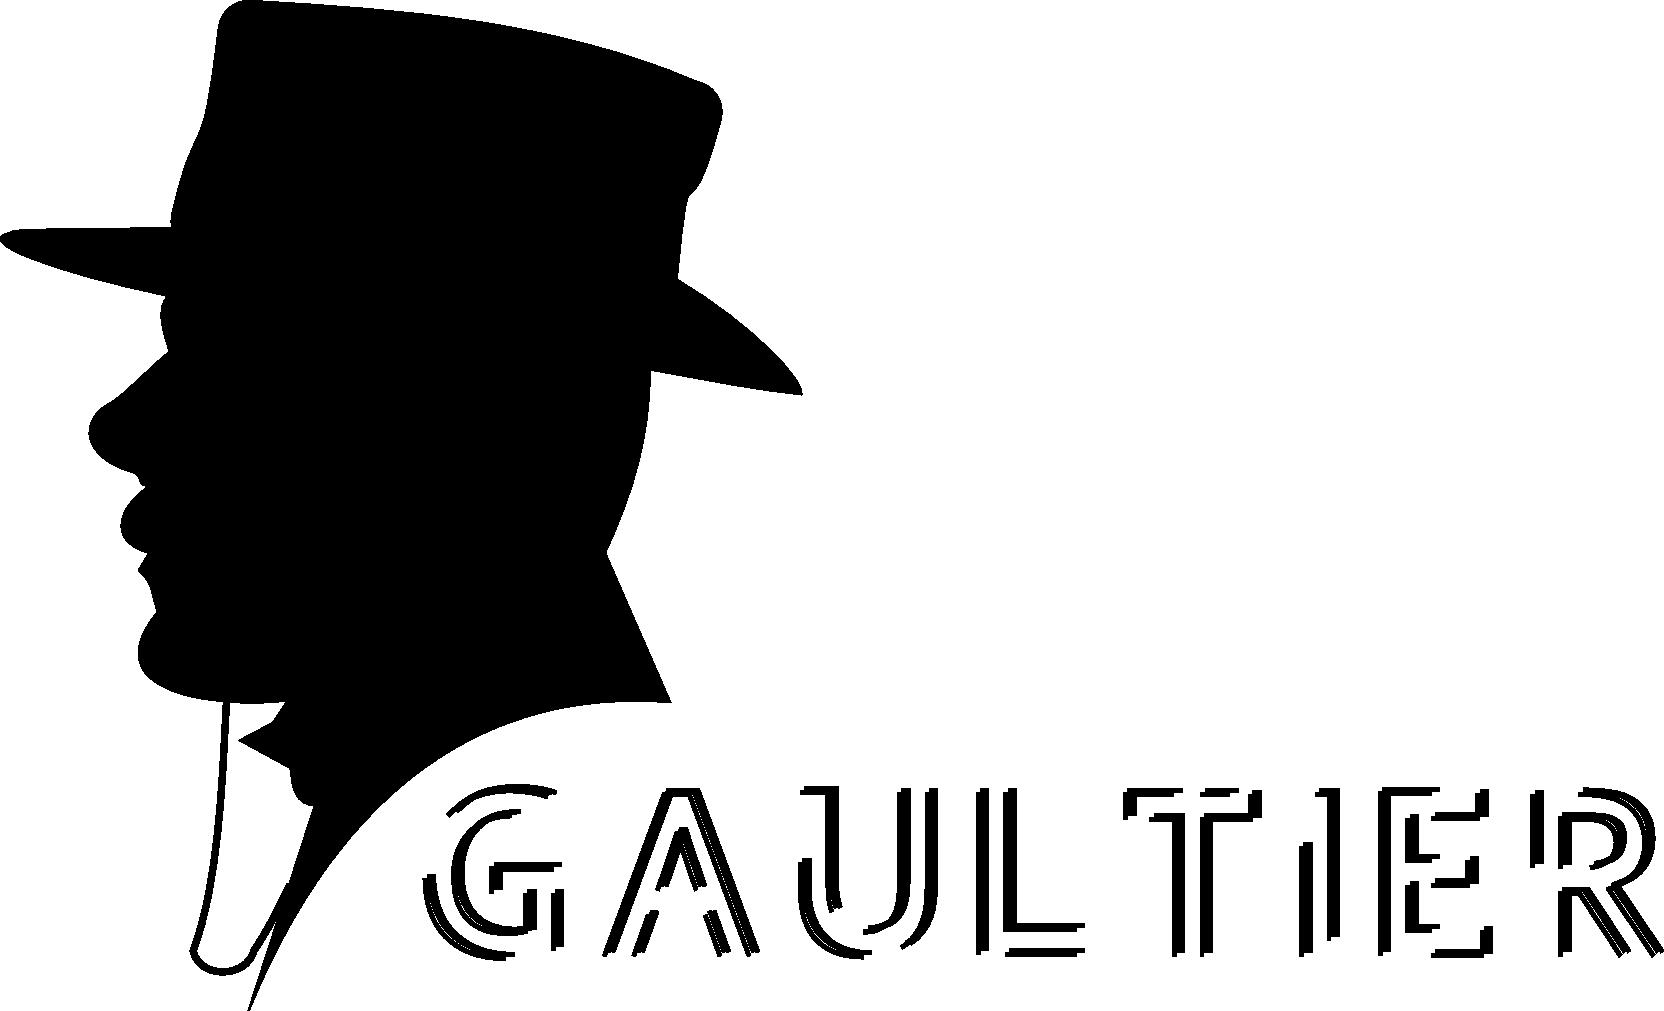 Логотип, как важная часть бизнеса